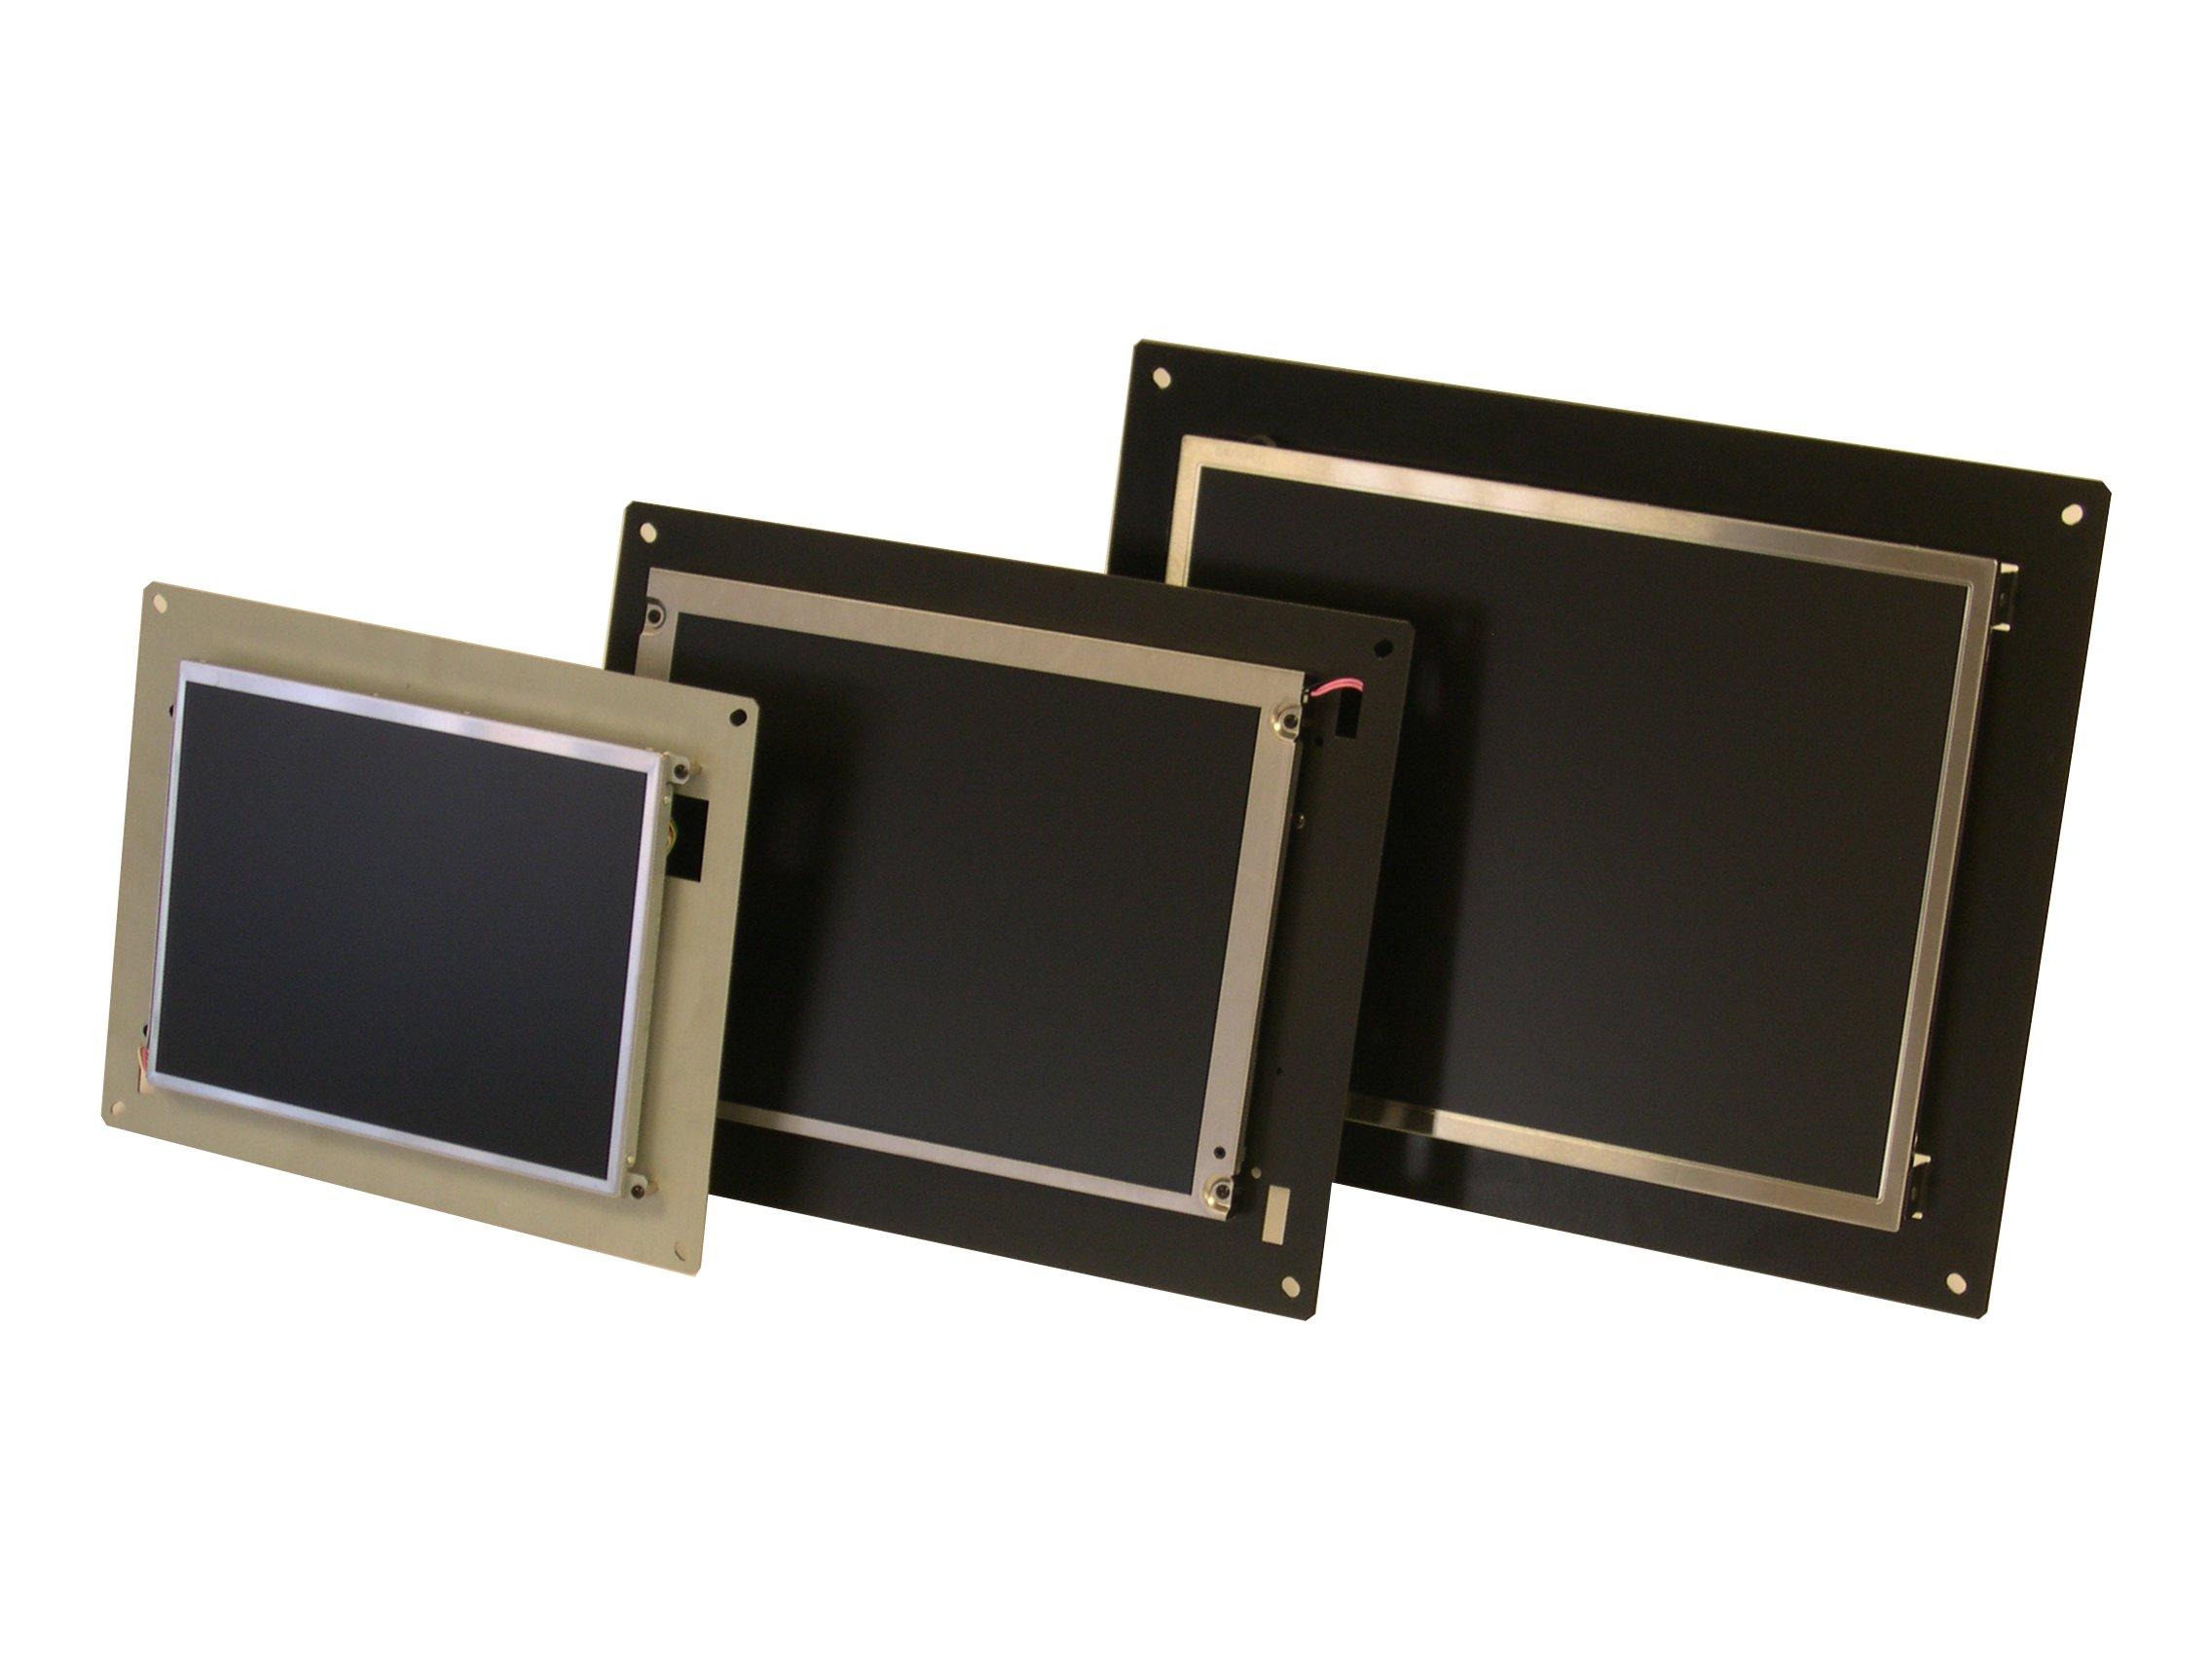 ecrans plats informatiques tous les fournisseurs. Black Bedroom Furniture Sets. Home Design Ideas